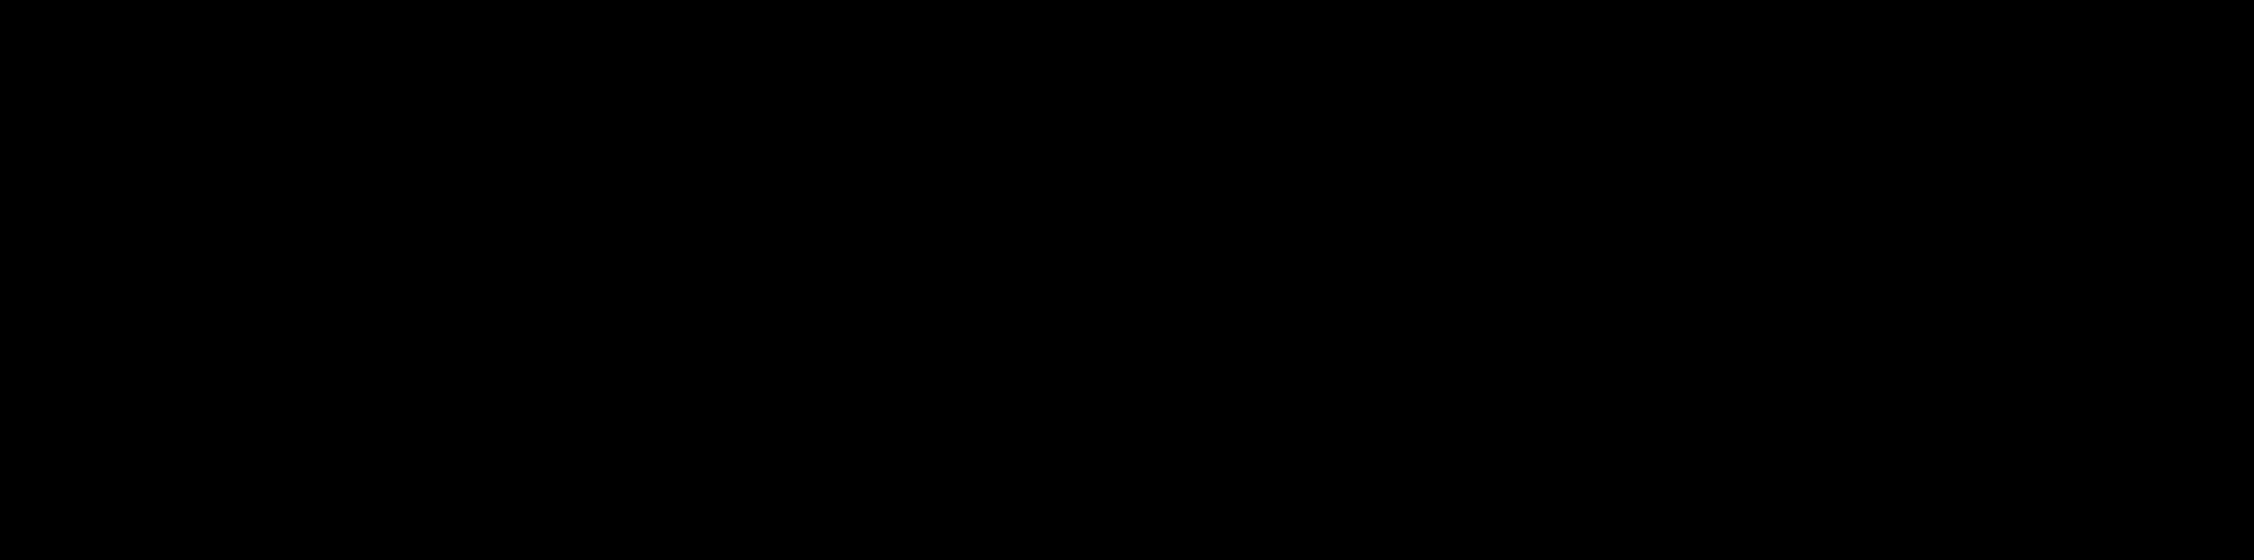 Clipart - Lamborghini Silhouette